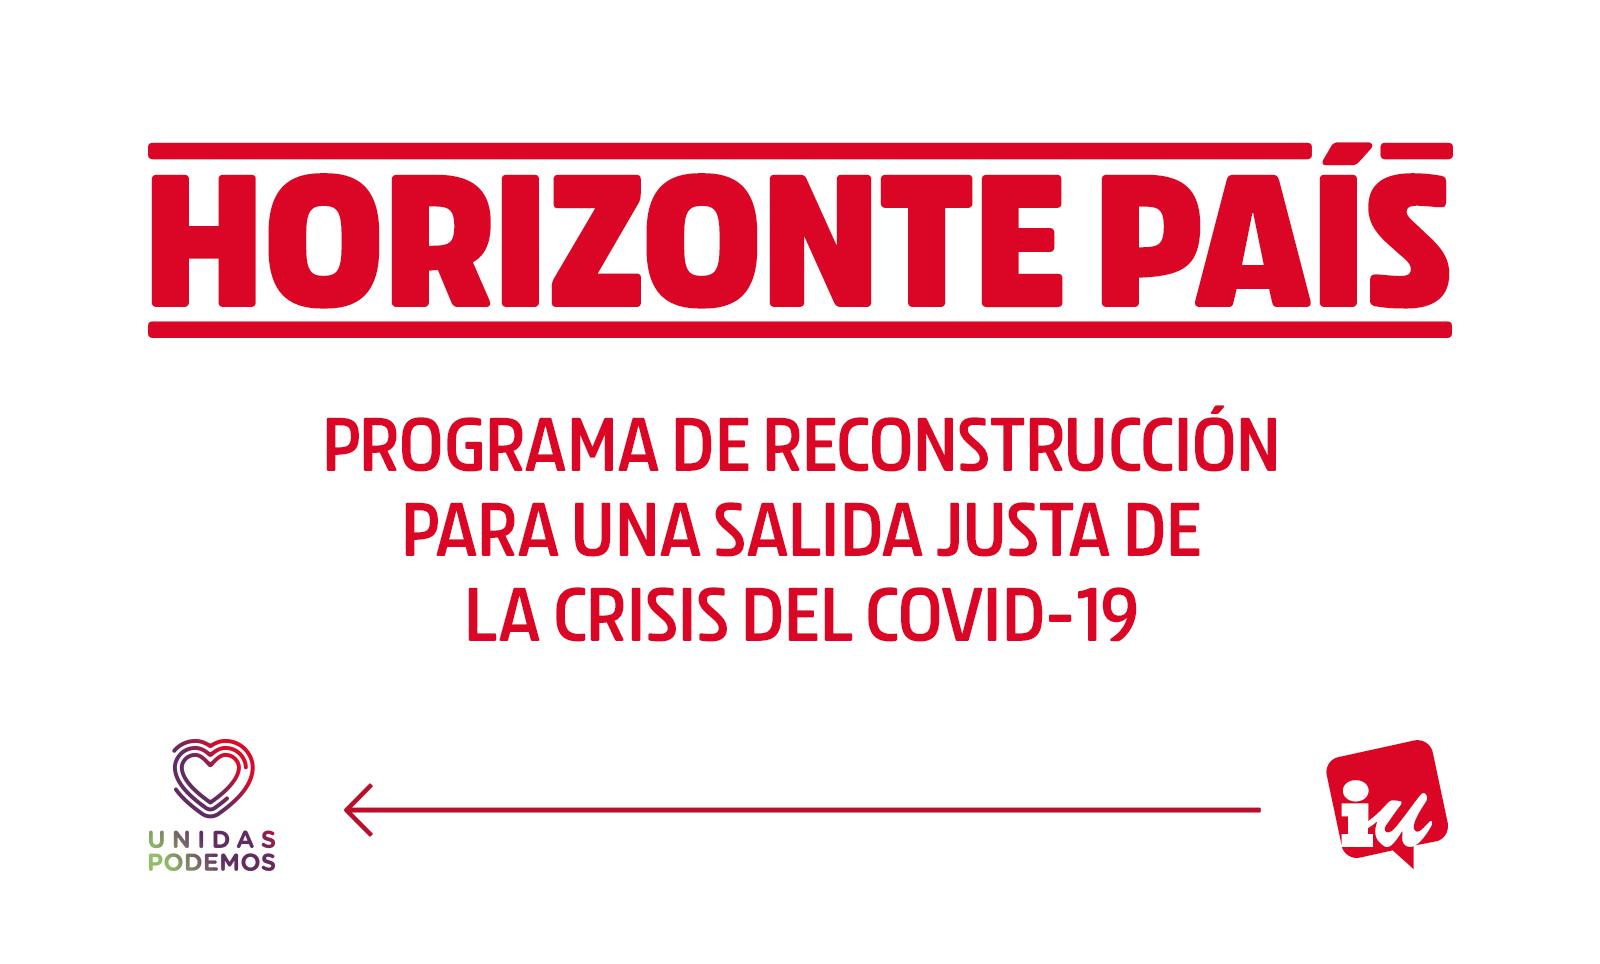 Horizonte País - Programa de reconstrucción para una salida justa de la crisis del COVID-19